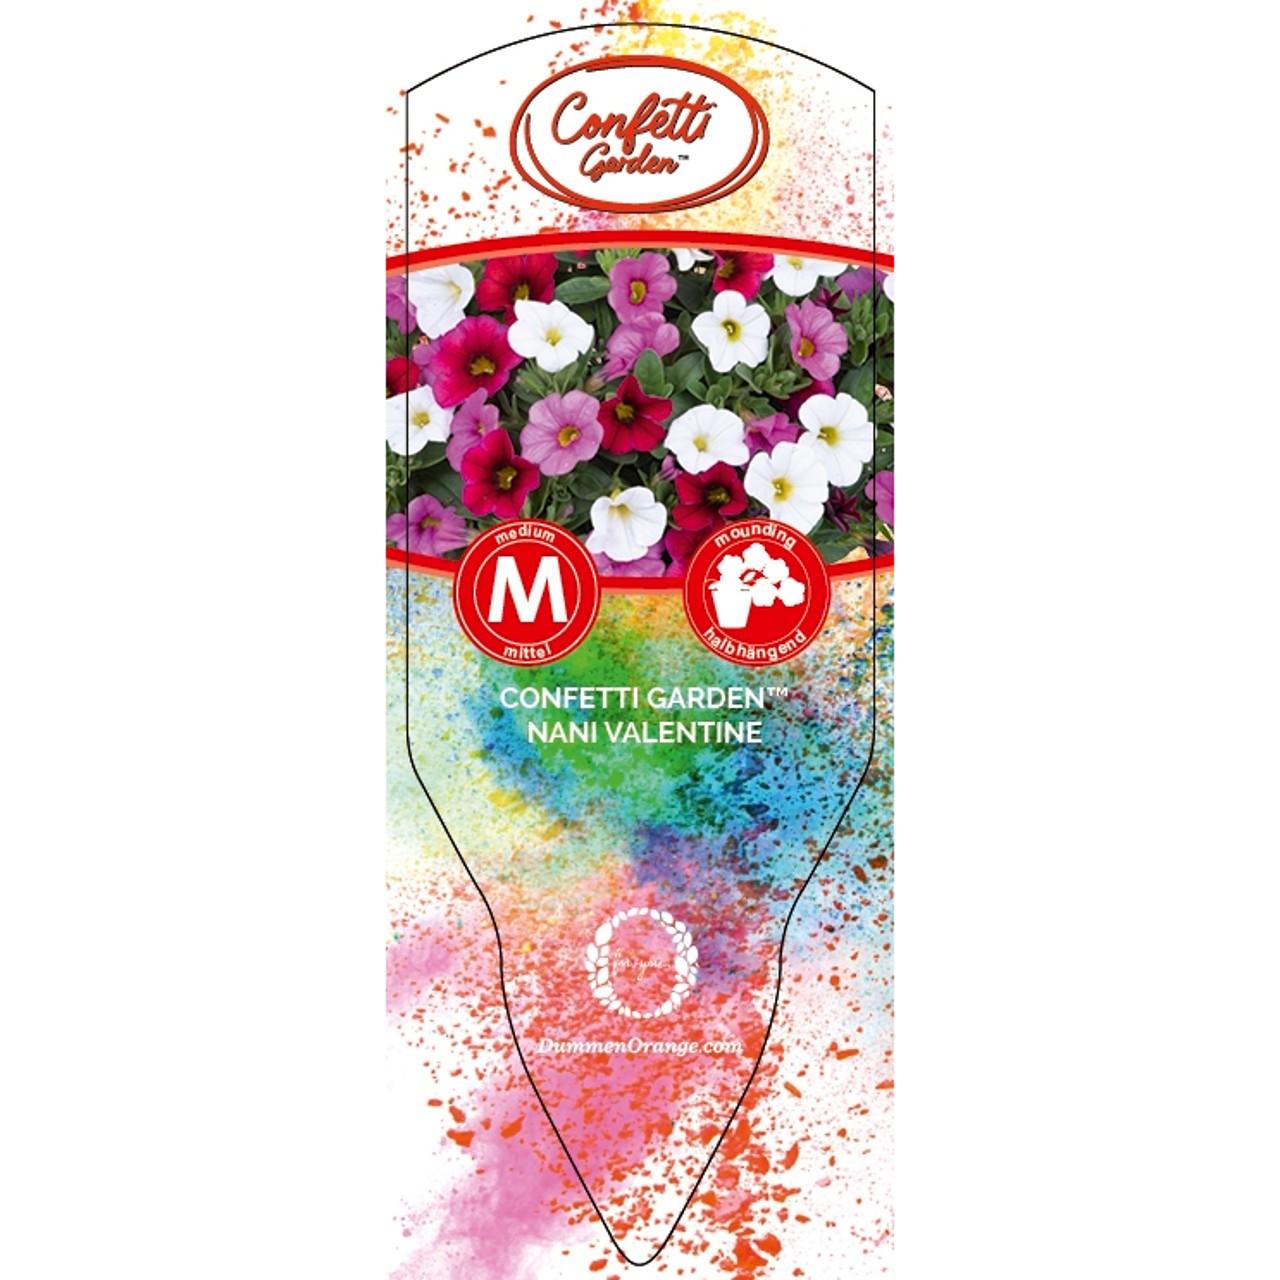 Tag Confetti Garden Nani Valentine